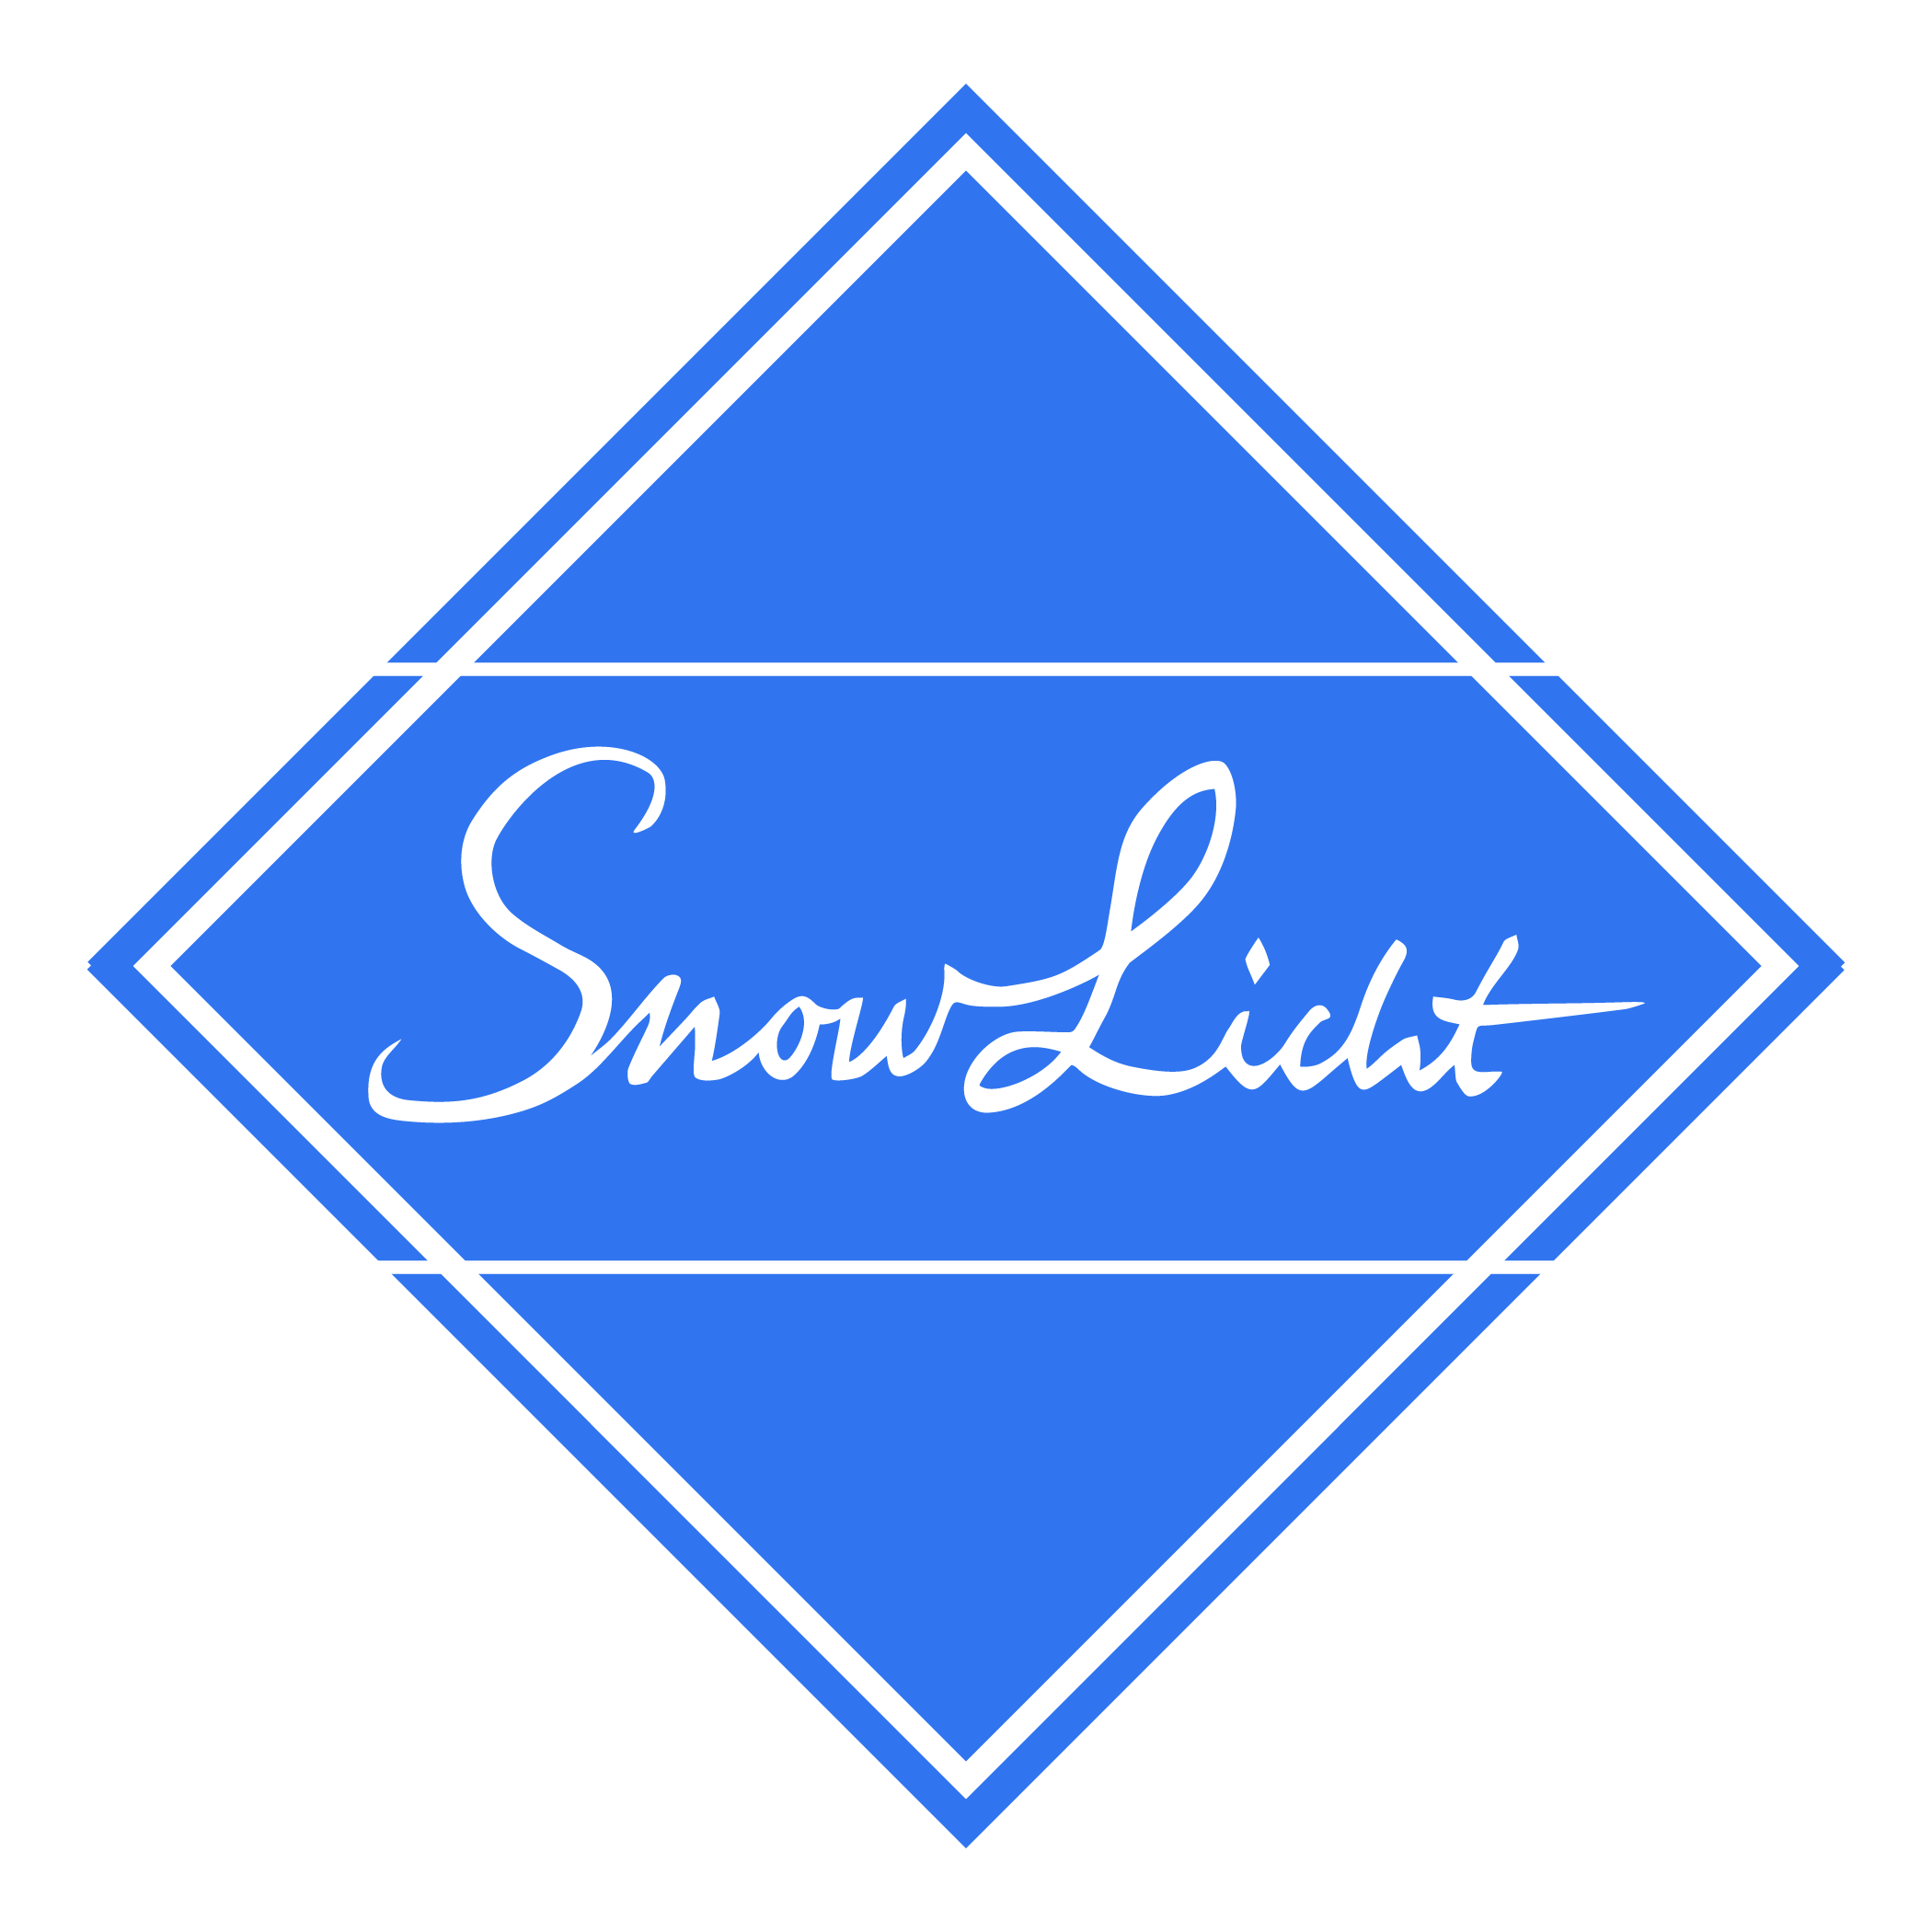 SnowLicht